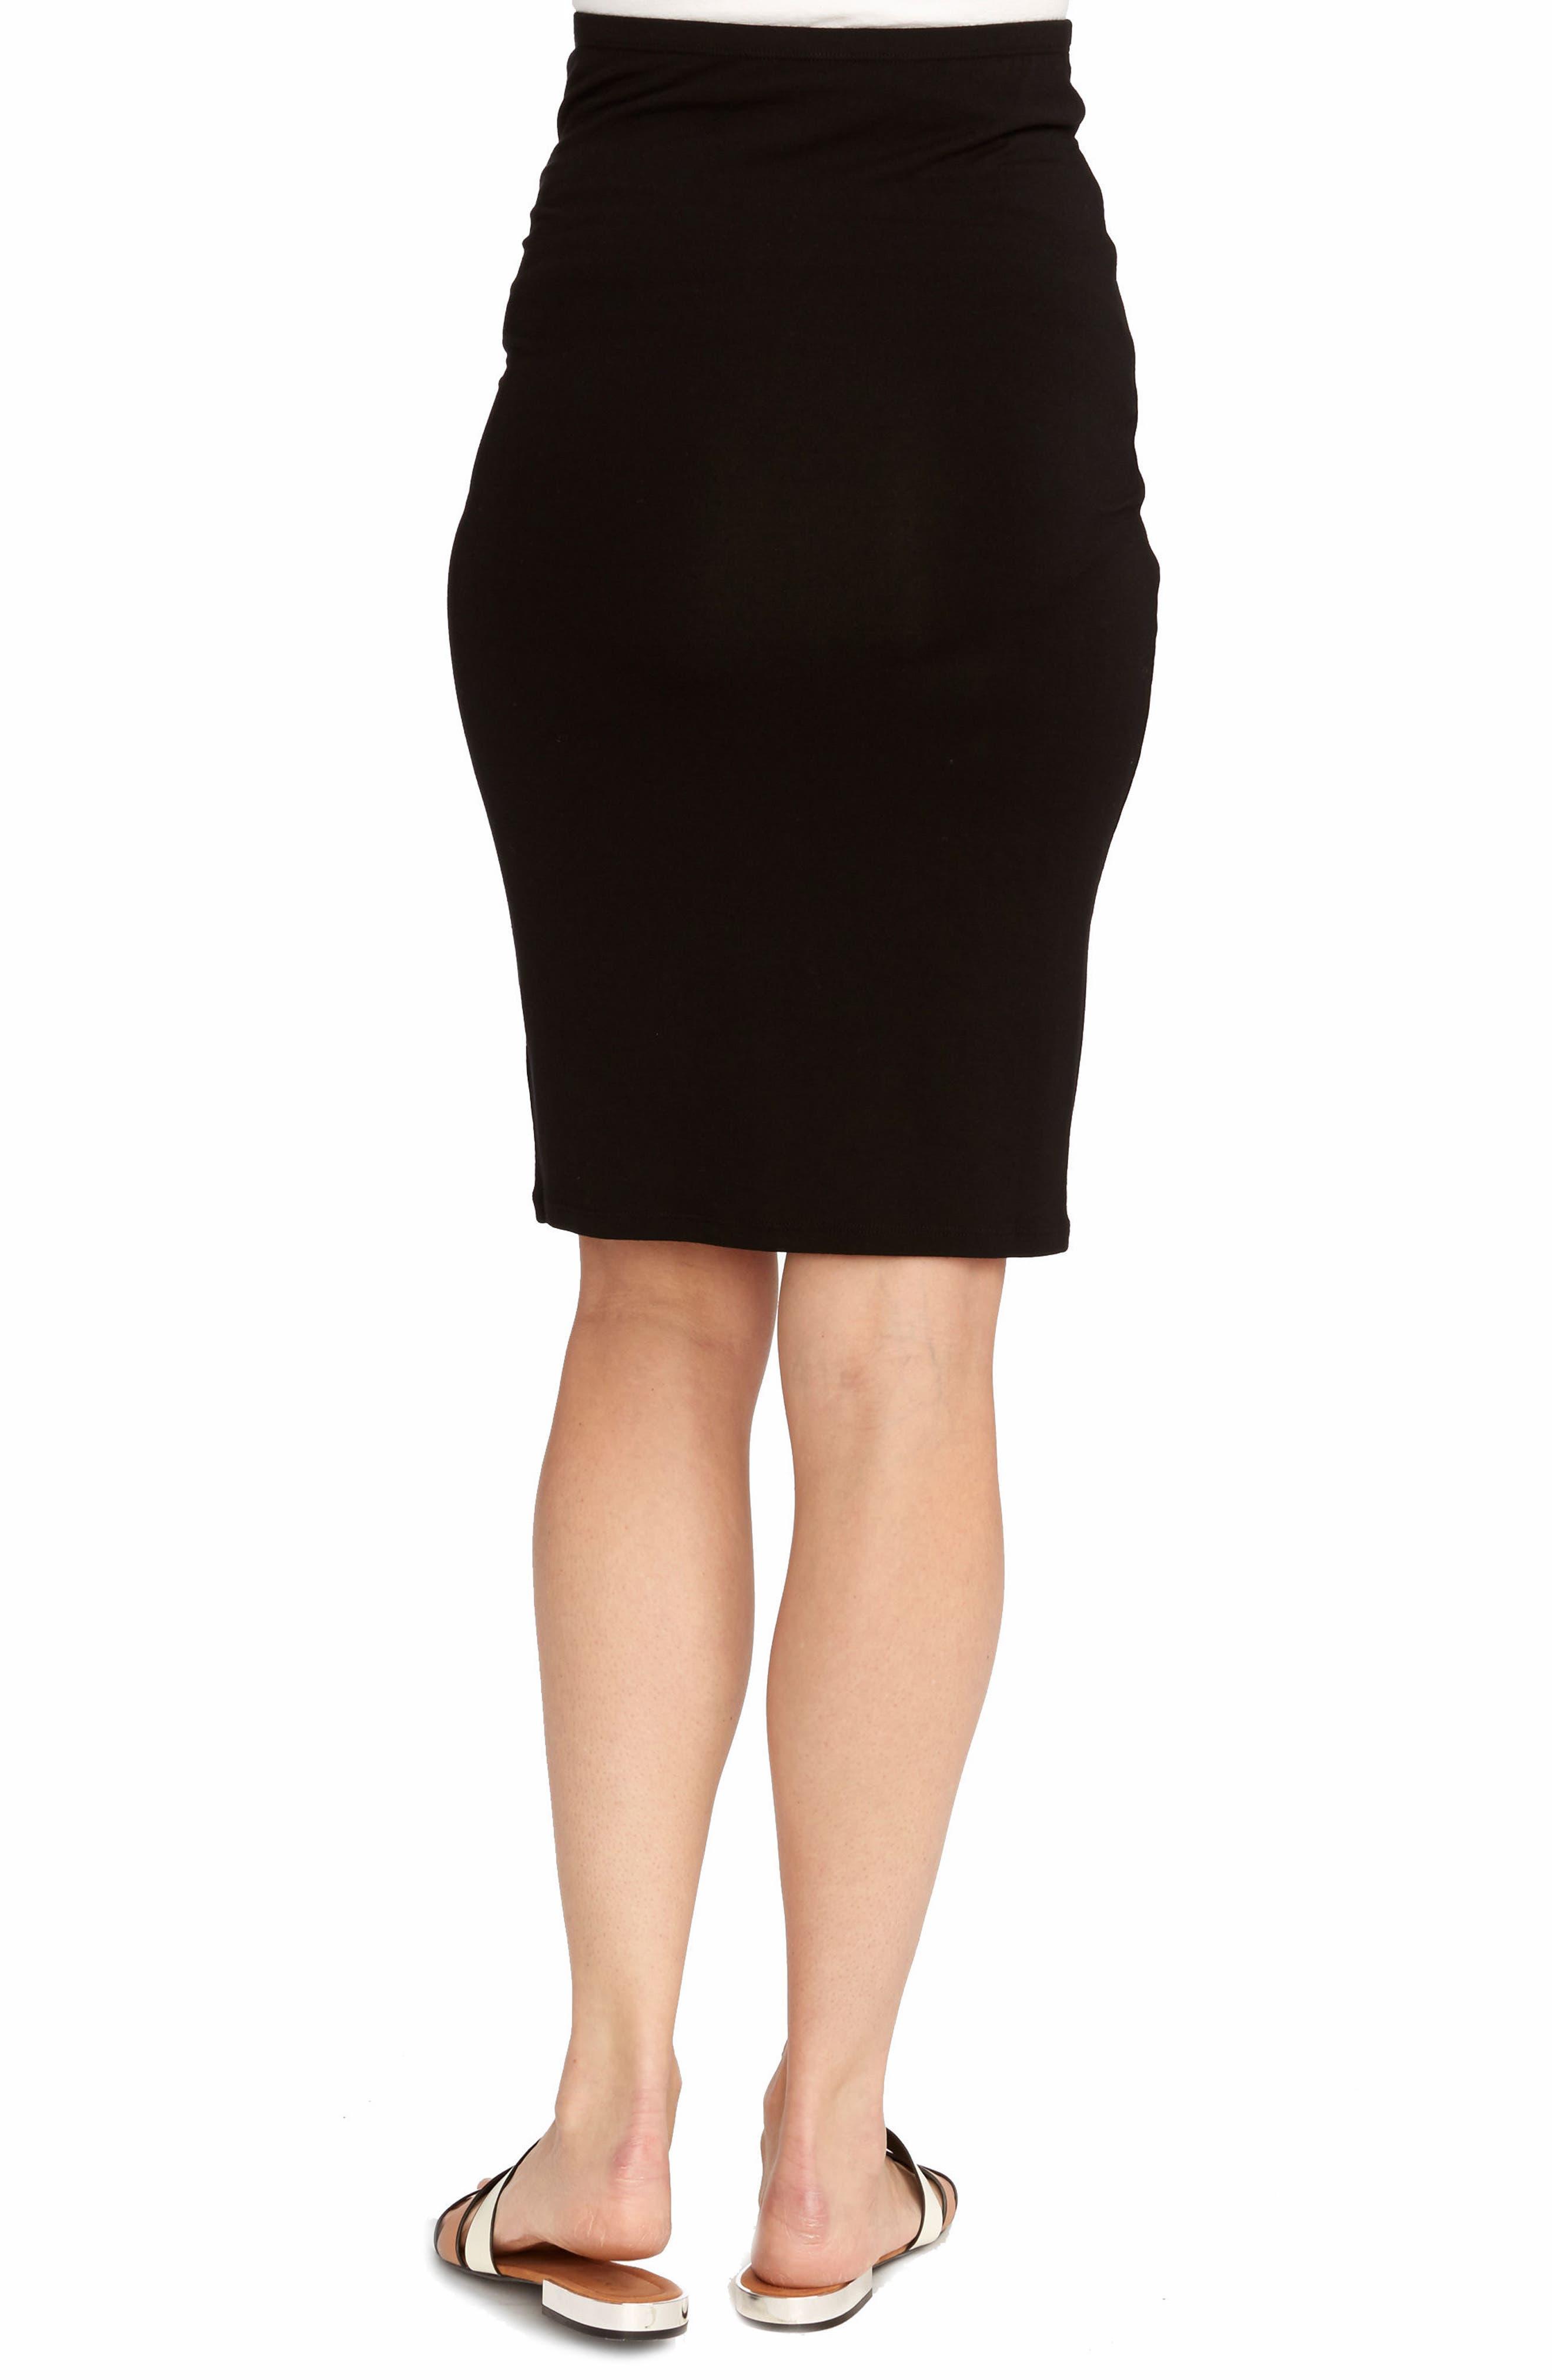 Adeline Maternity Skirt,                             Alternate thumbnail 2, color,                             BLACK